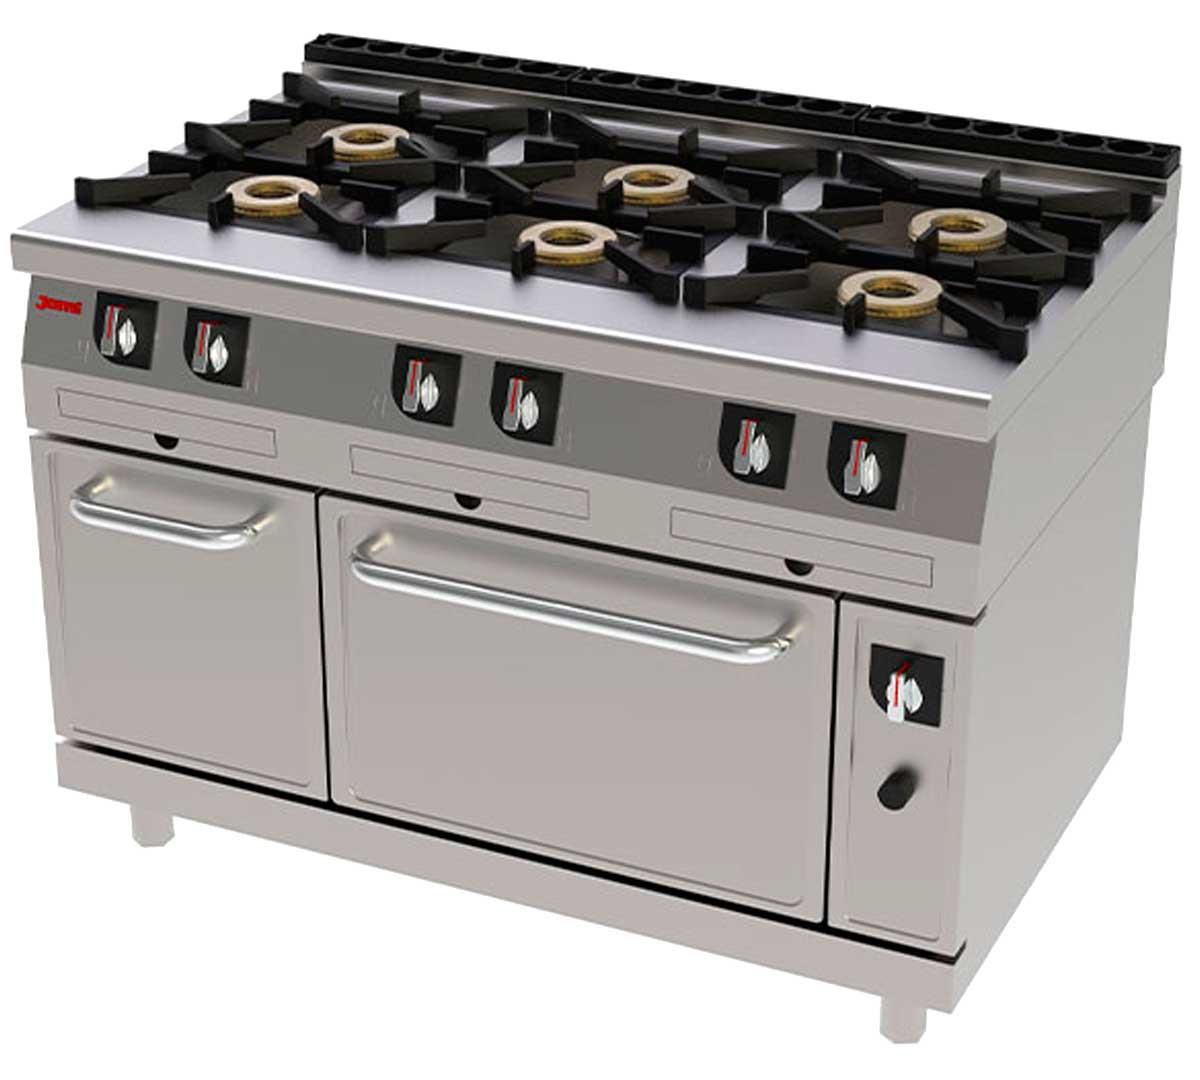 Cocina serie 750 gas con horno de jemi - Fogones a gas ...